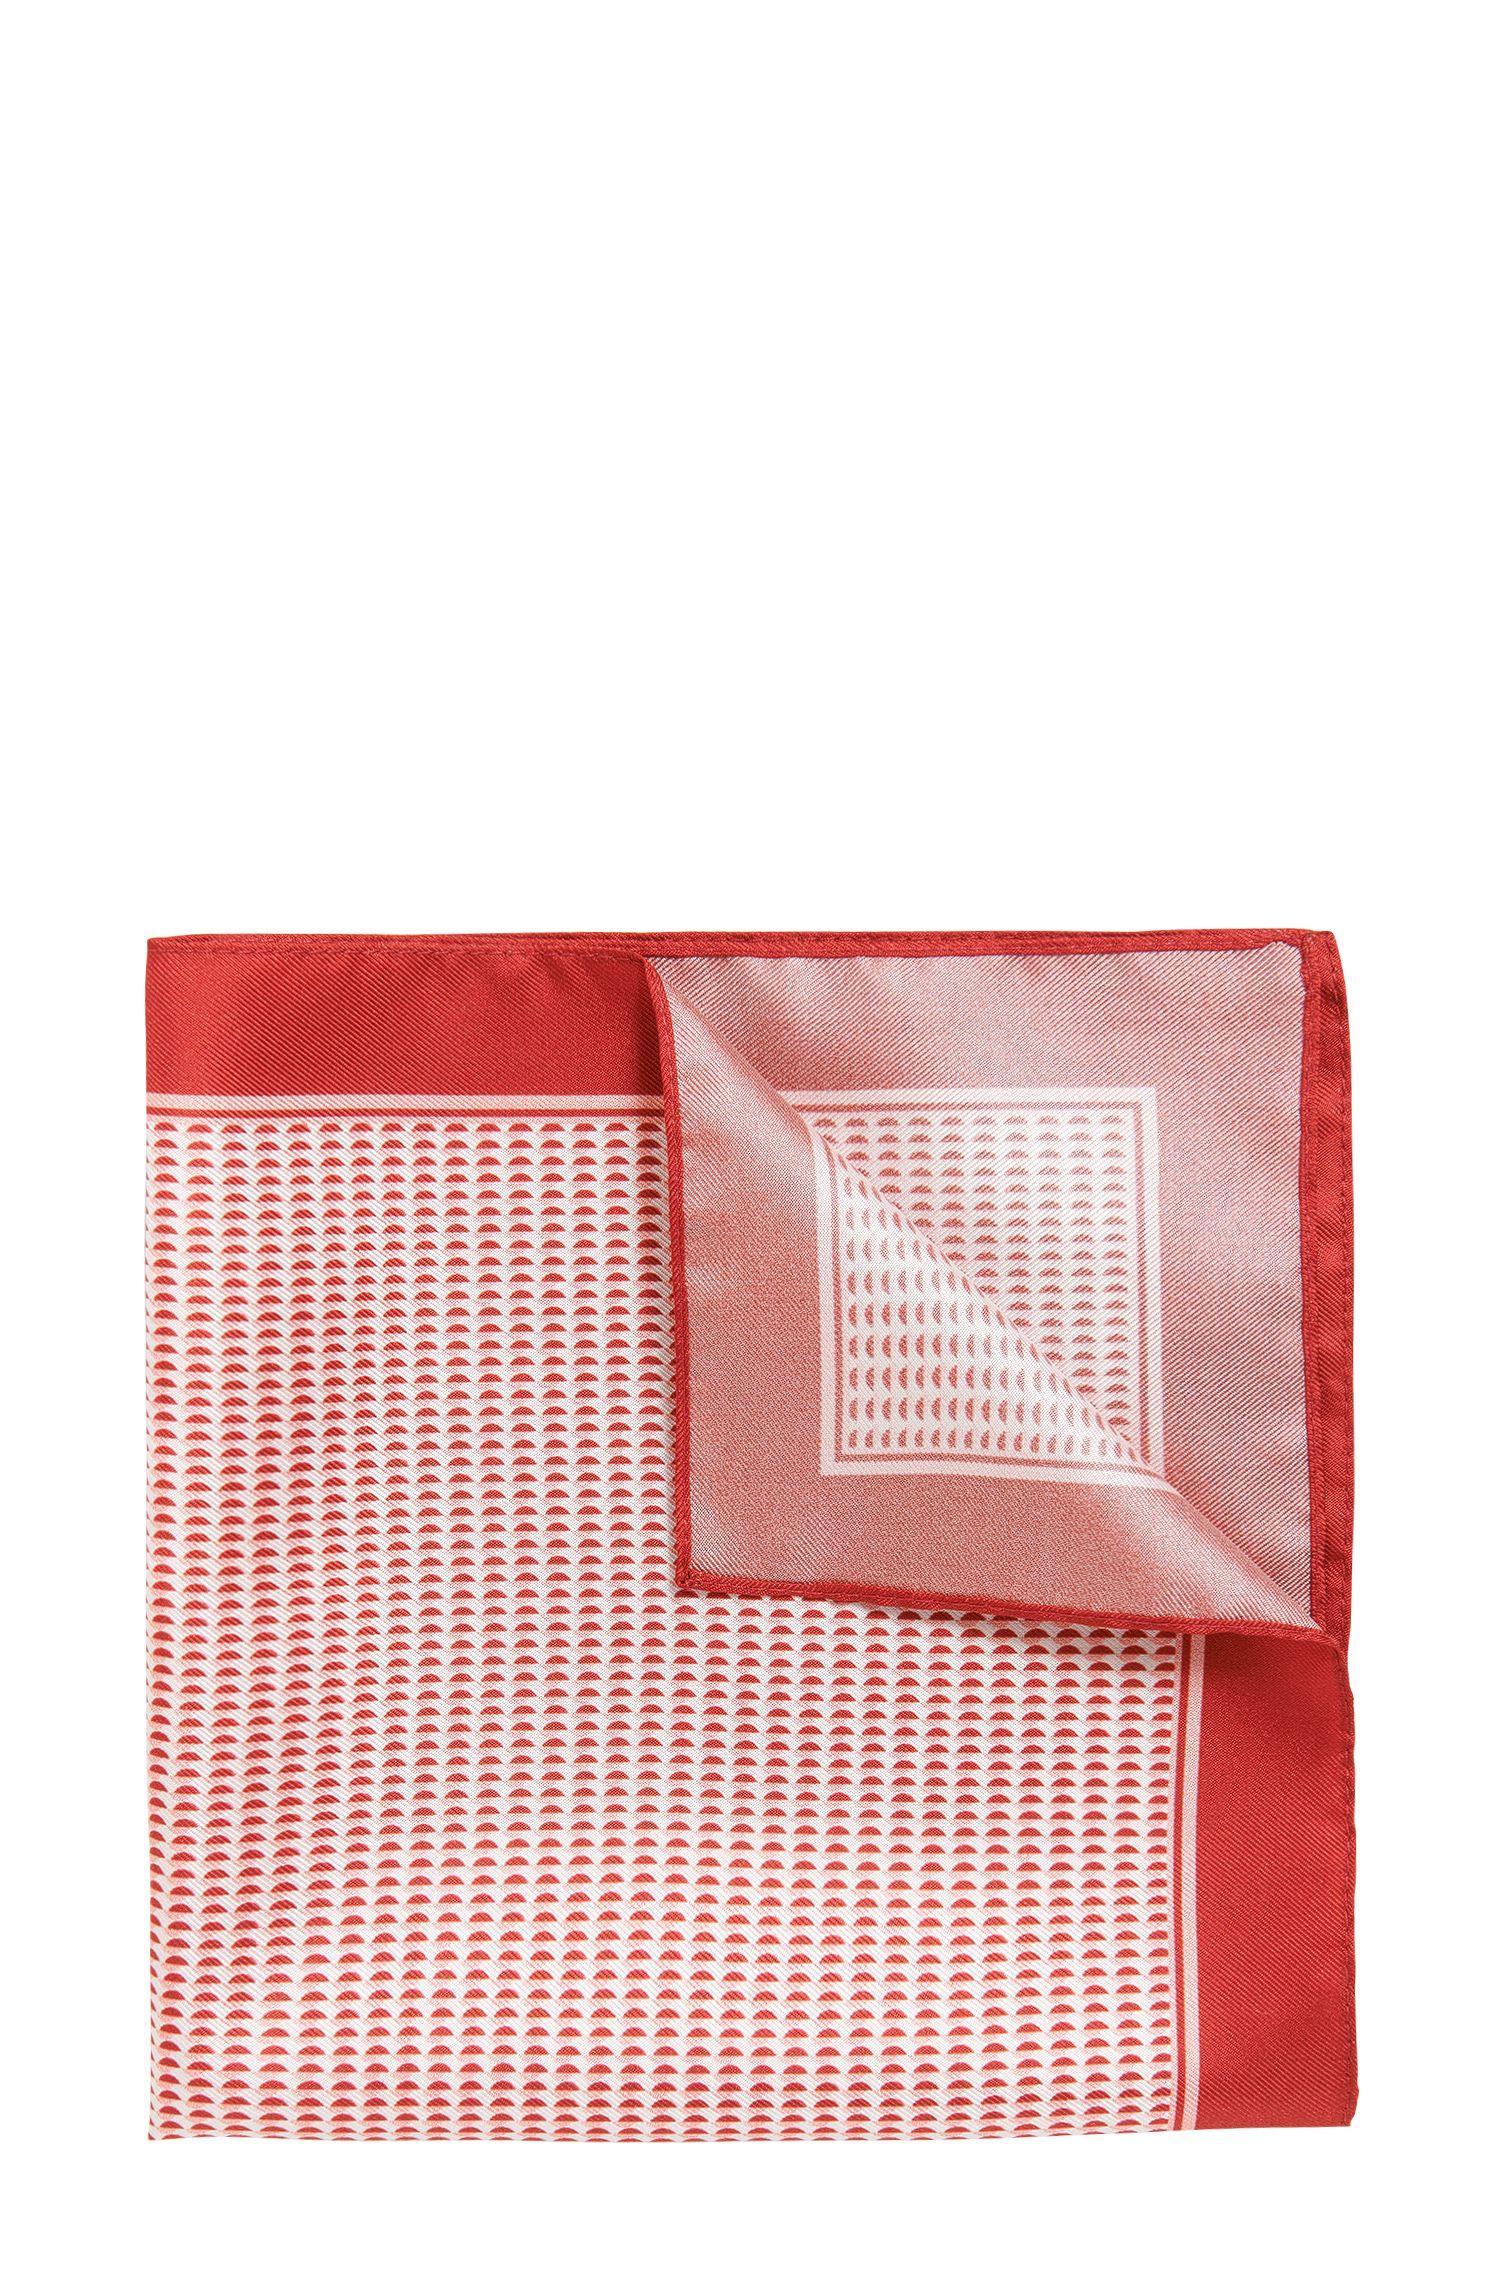 Pochette da taschino a disegni in pregiata seta